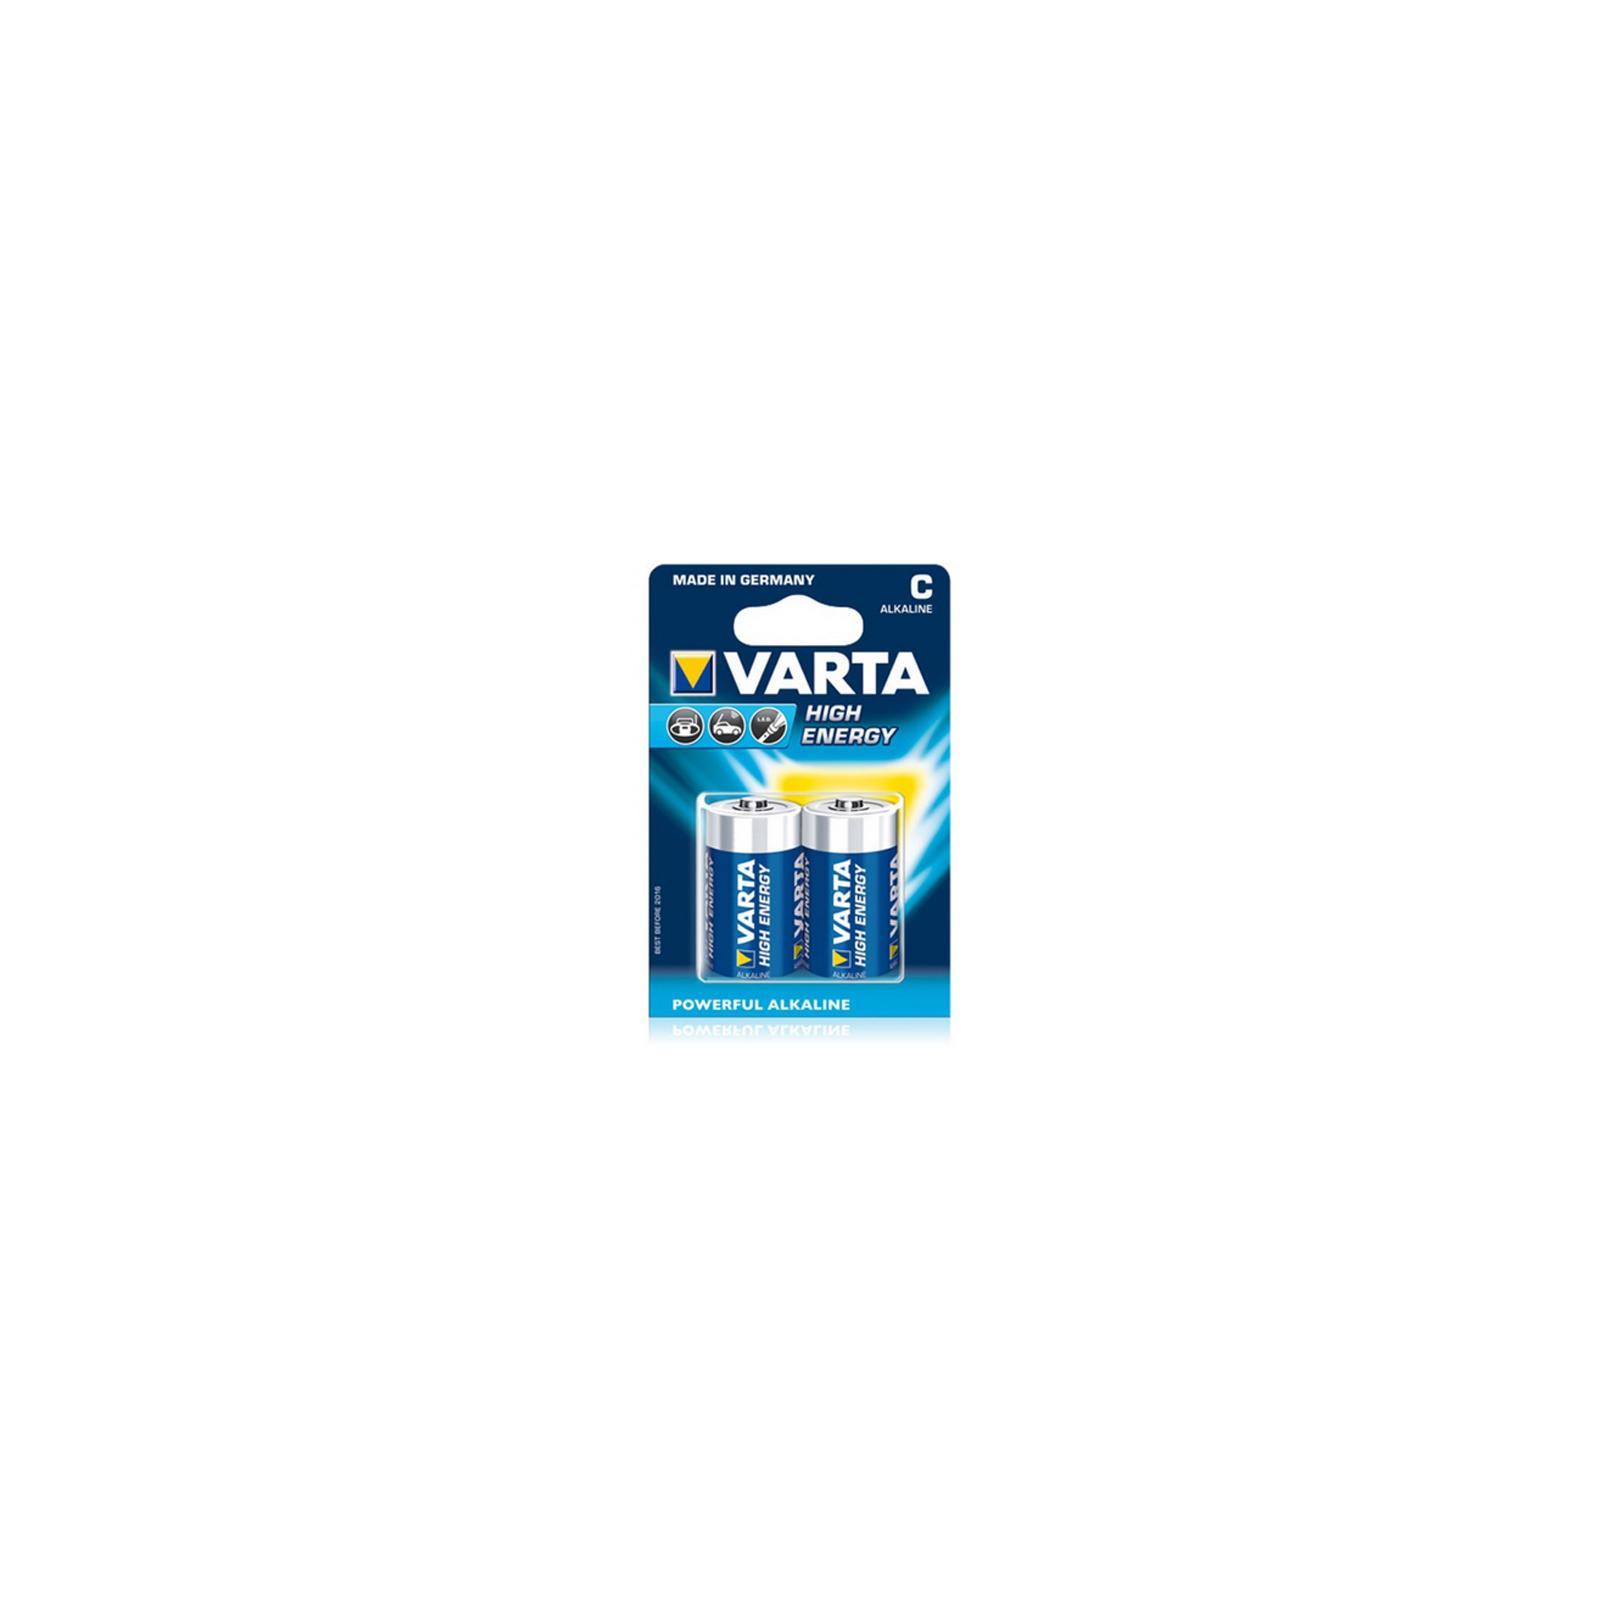 Батарейка Varta HIGH Energy ALKALINE * 2 (4914121412)